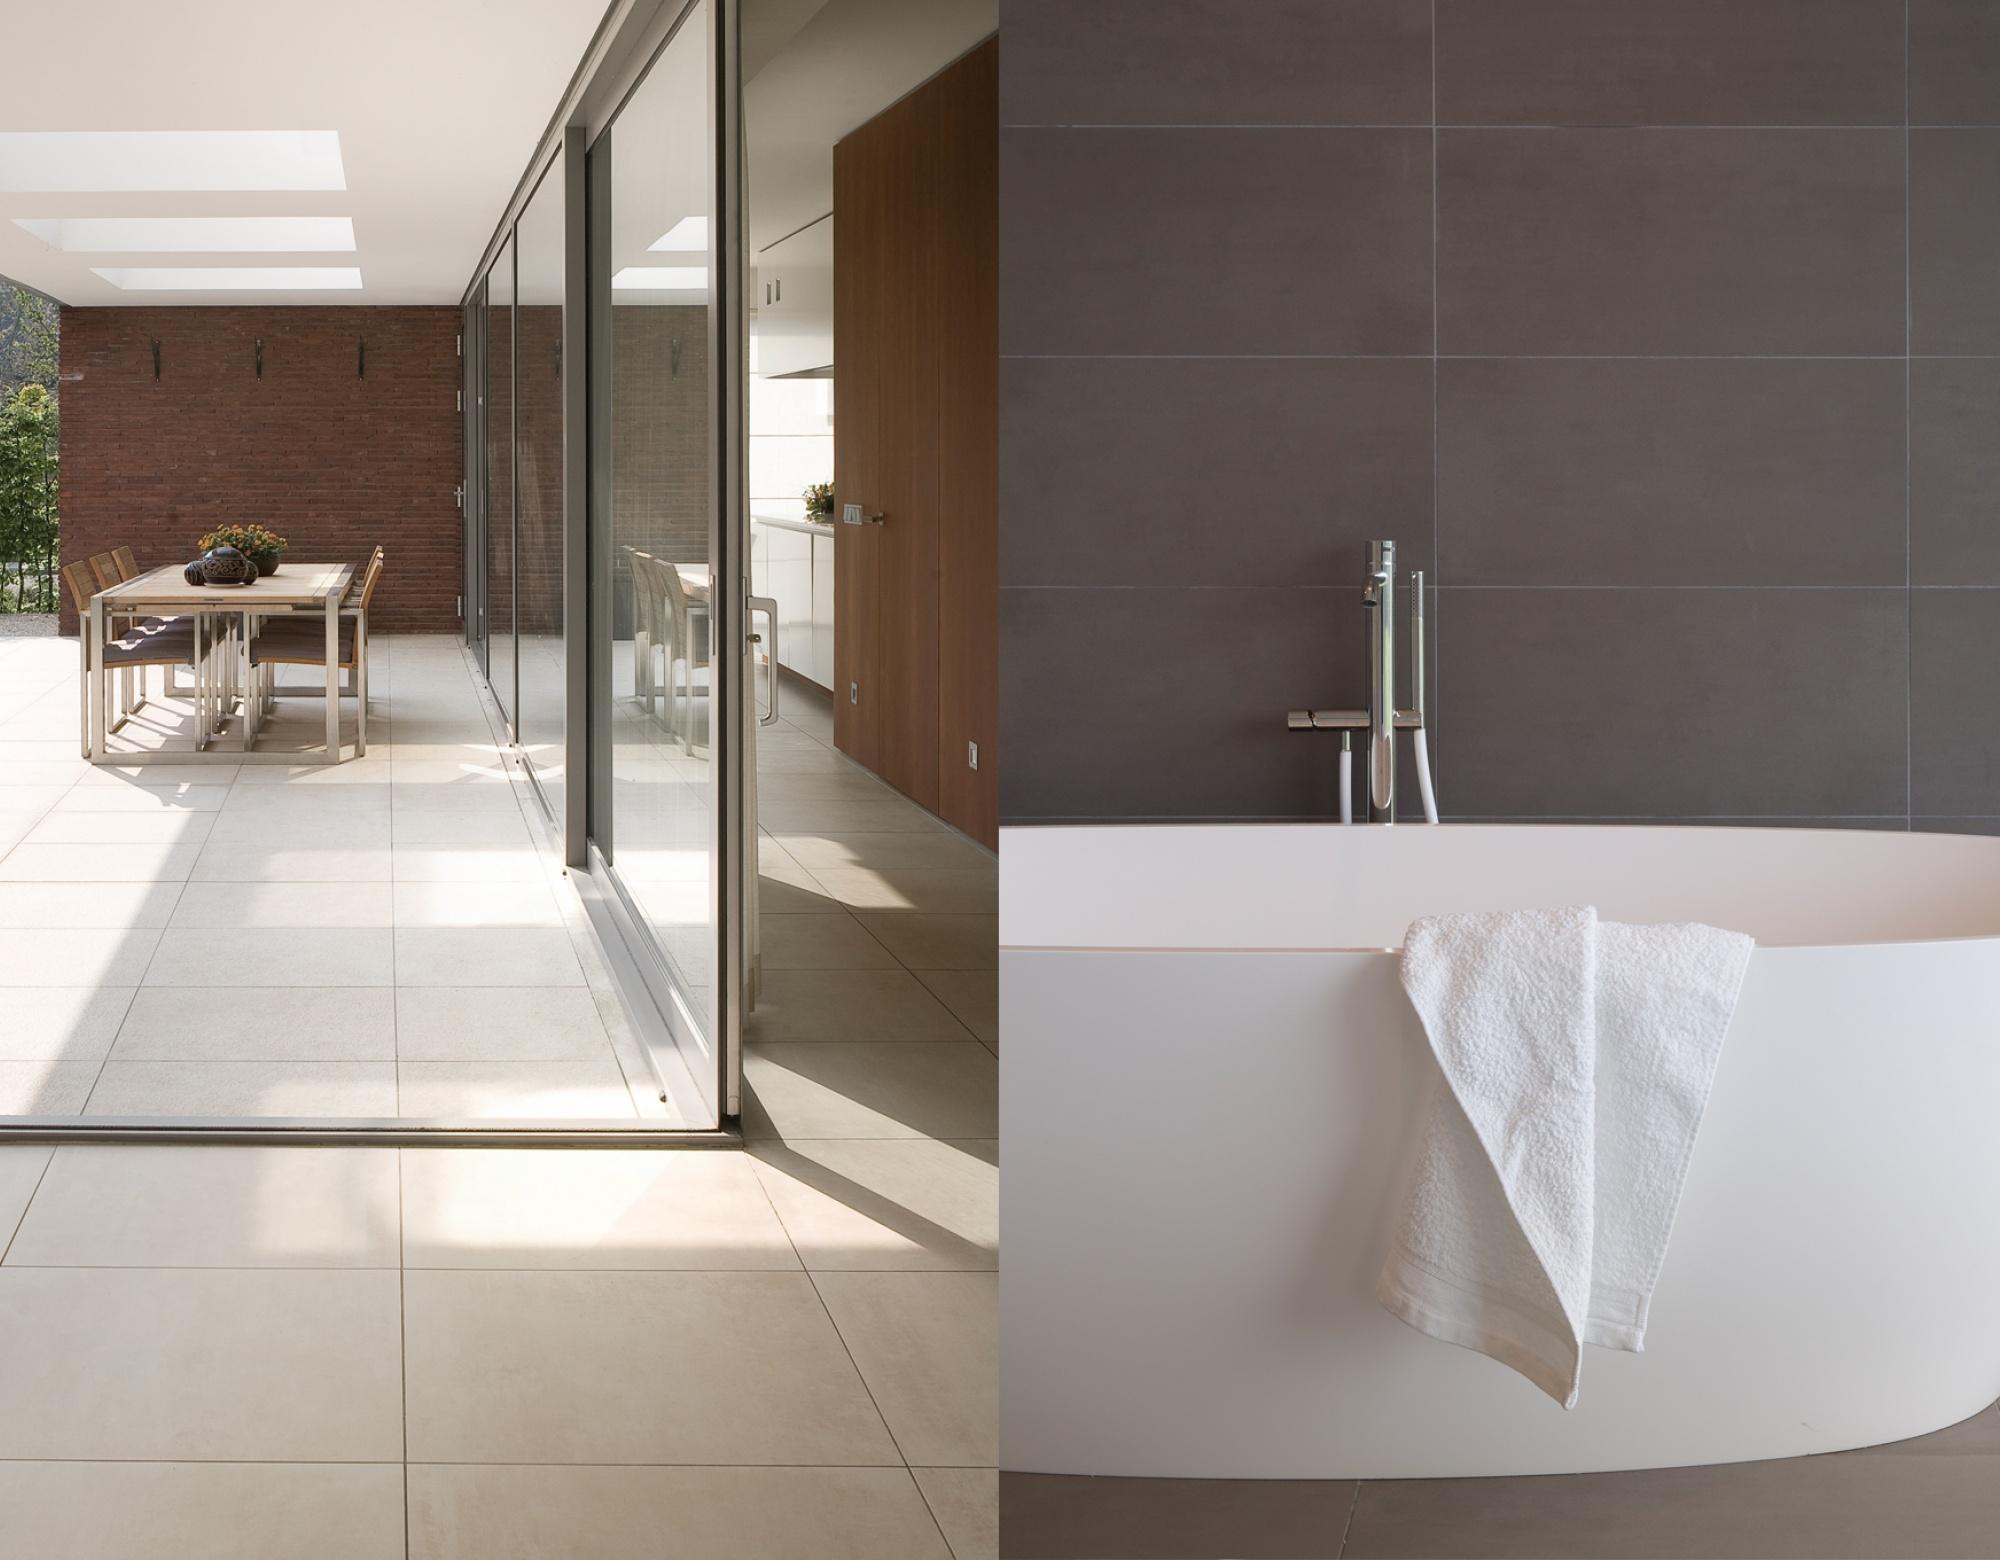 Nettoyage Carrelage Avec Relief terra maestricht > produits > carreaux de mosa